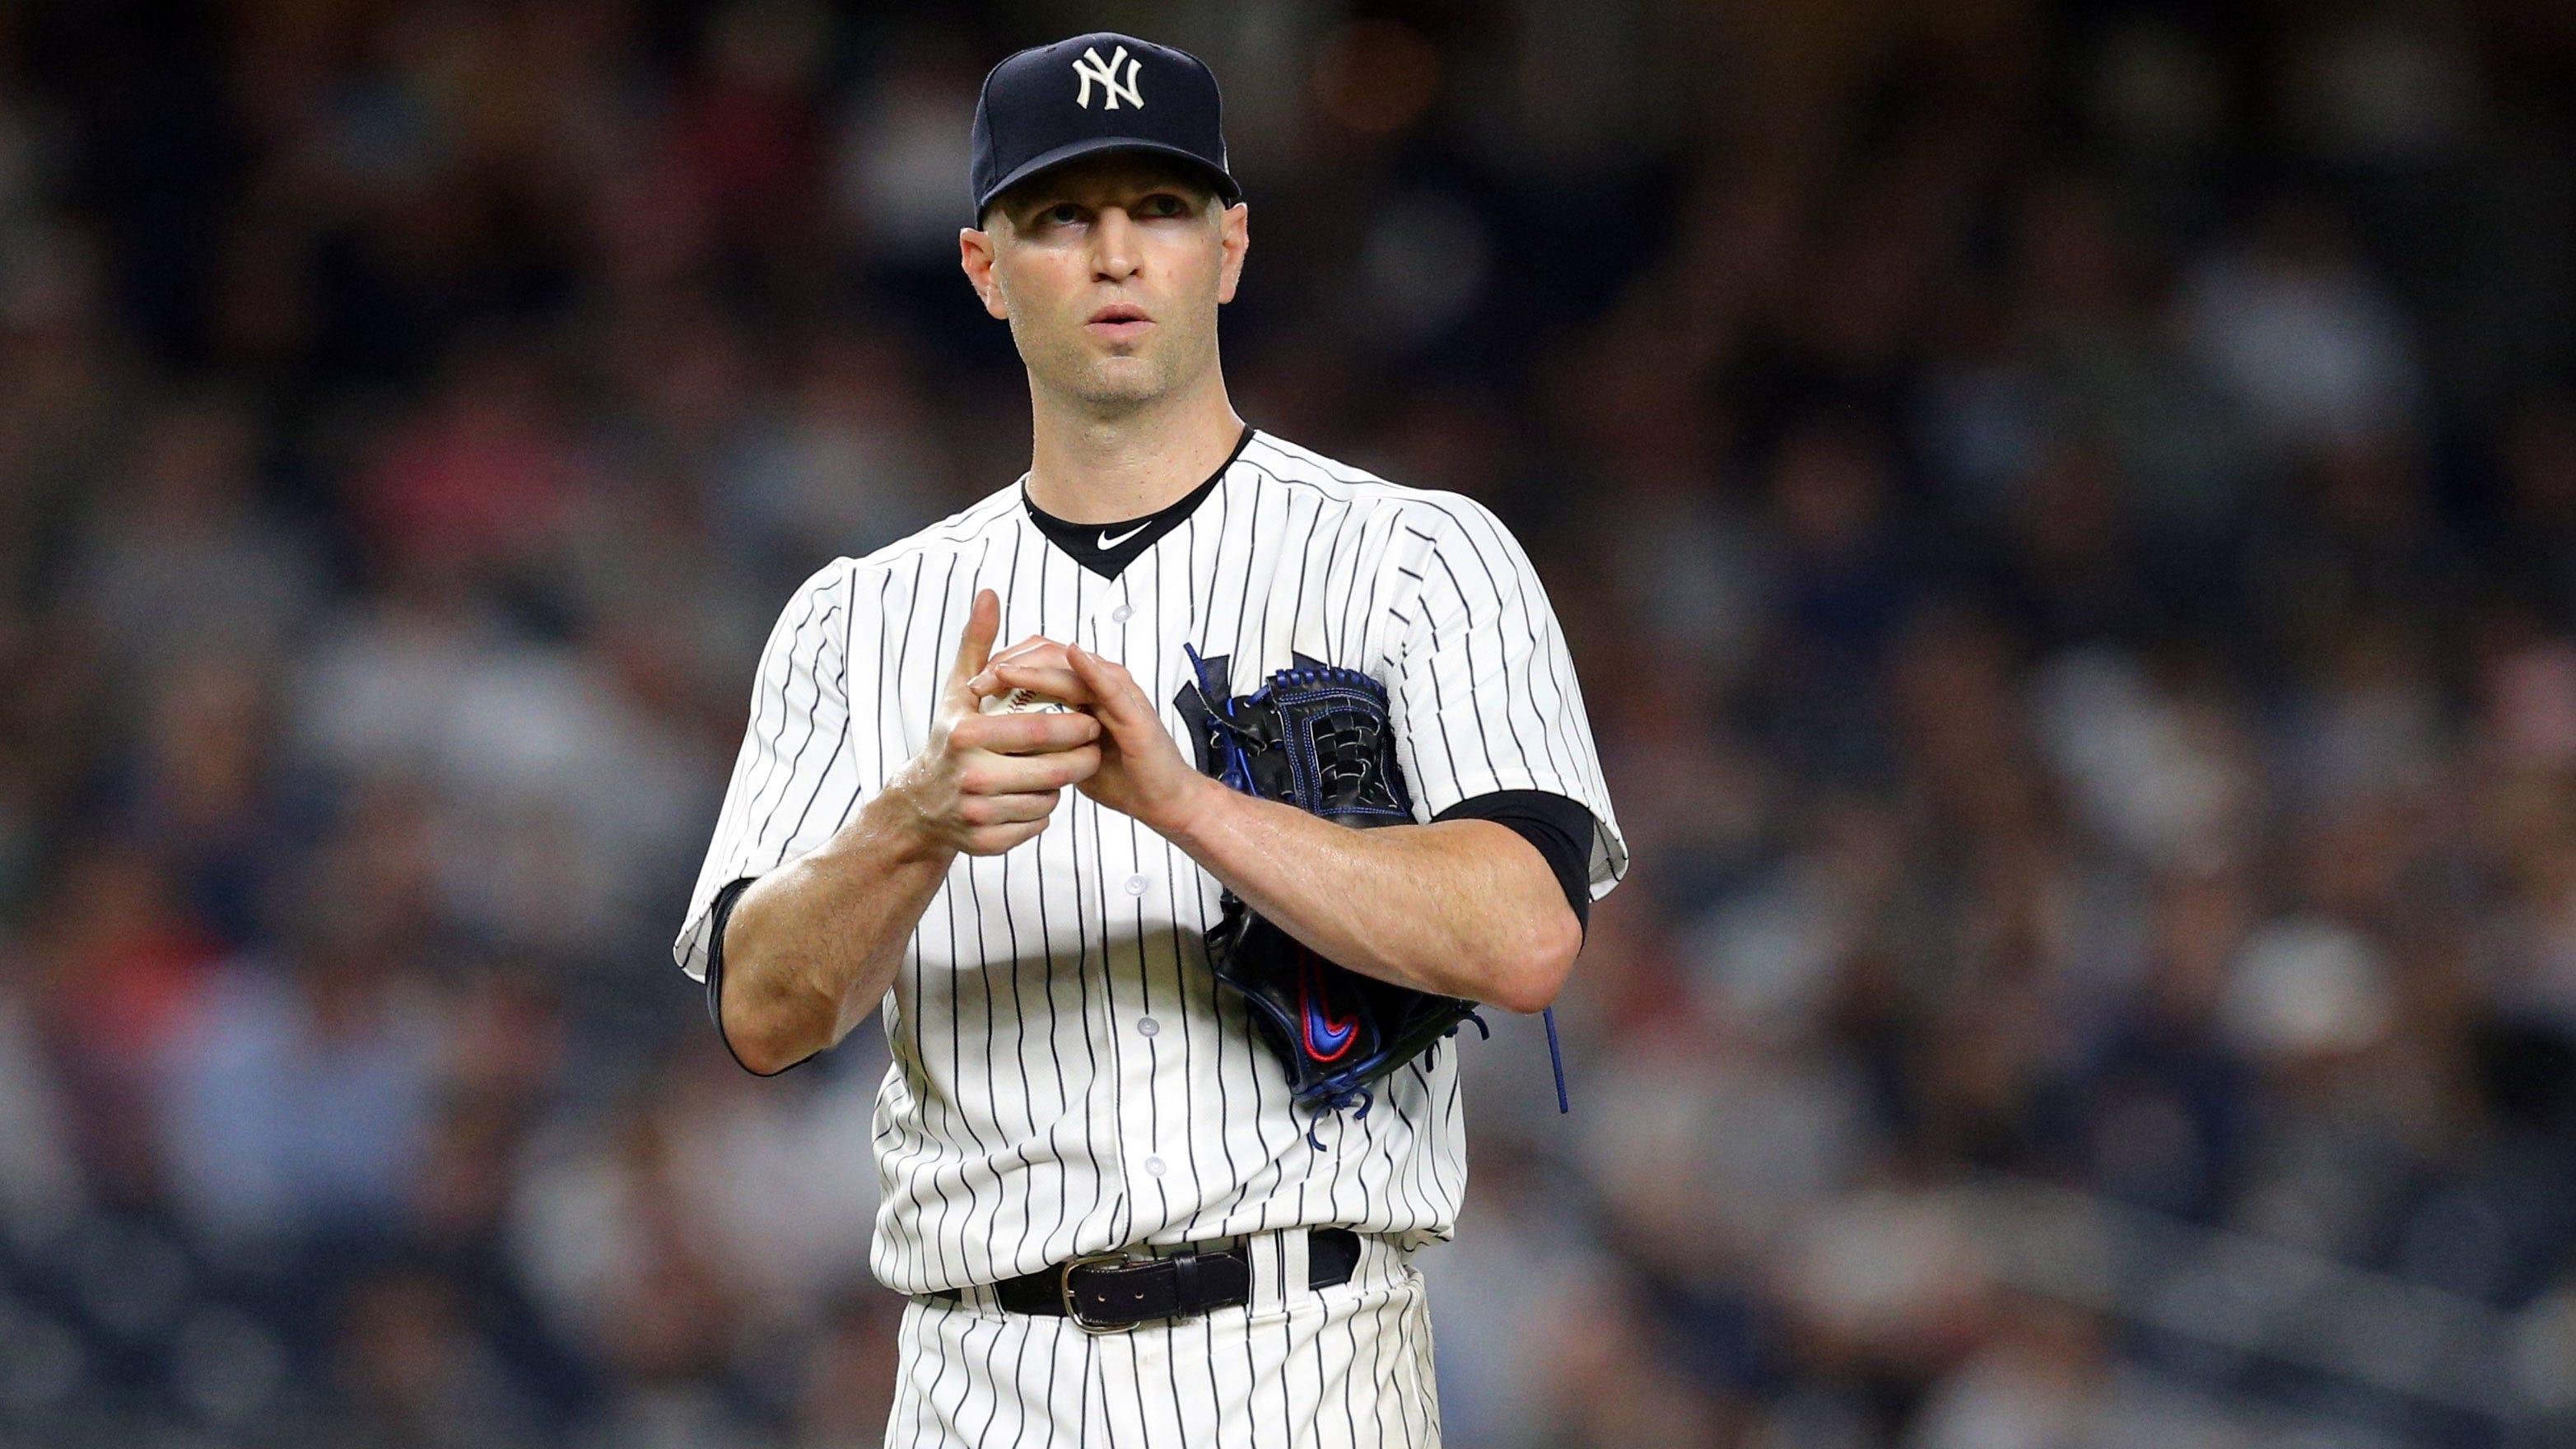 J.A. Happ (36, LHP, Yankees)